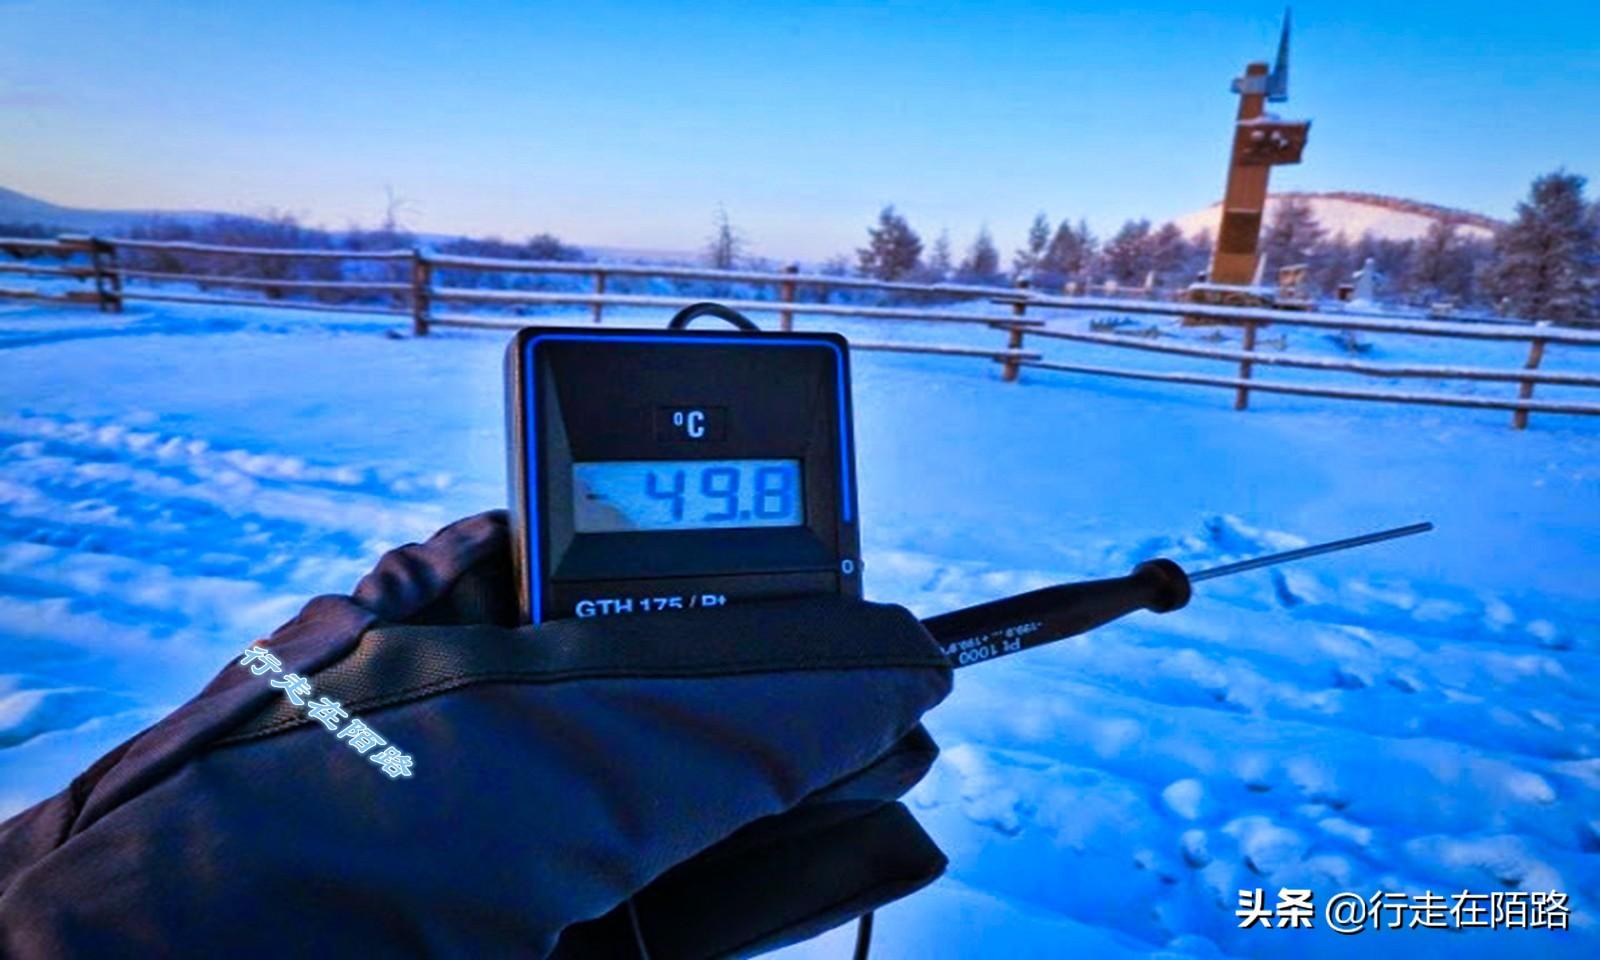 -67℃的极寒之地奥伊米亚康 如果可希望下辈子出生在更温暖的地方